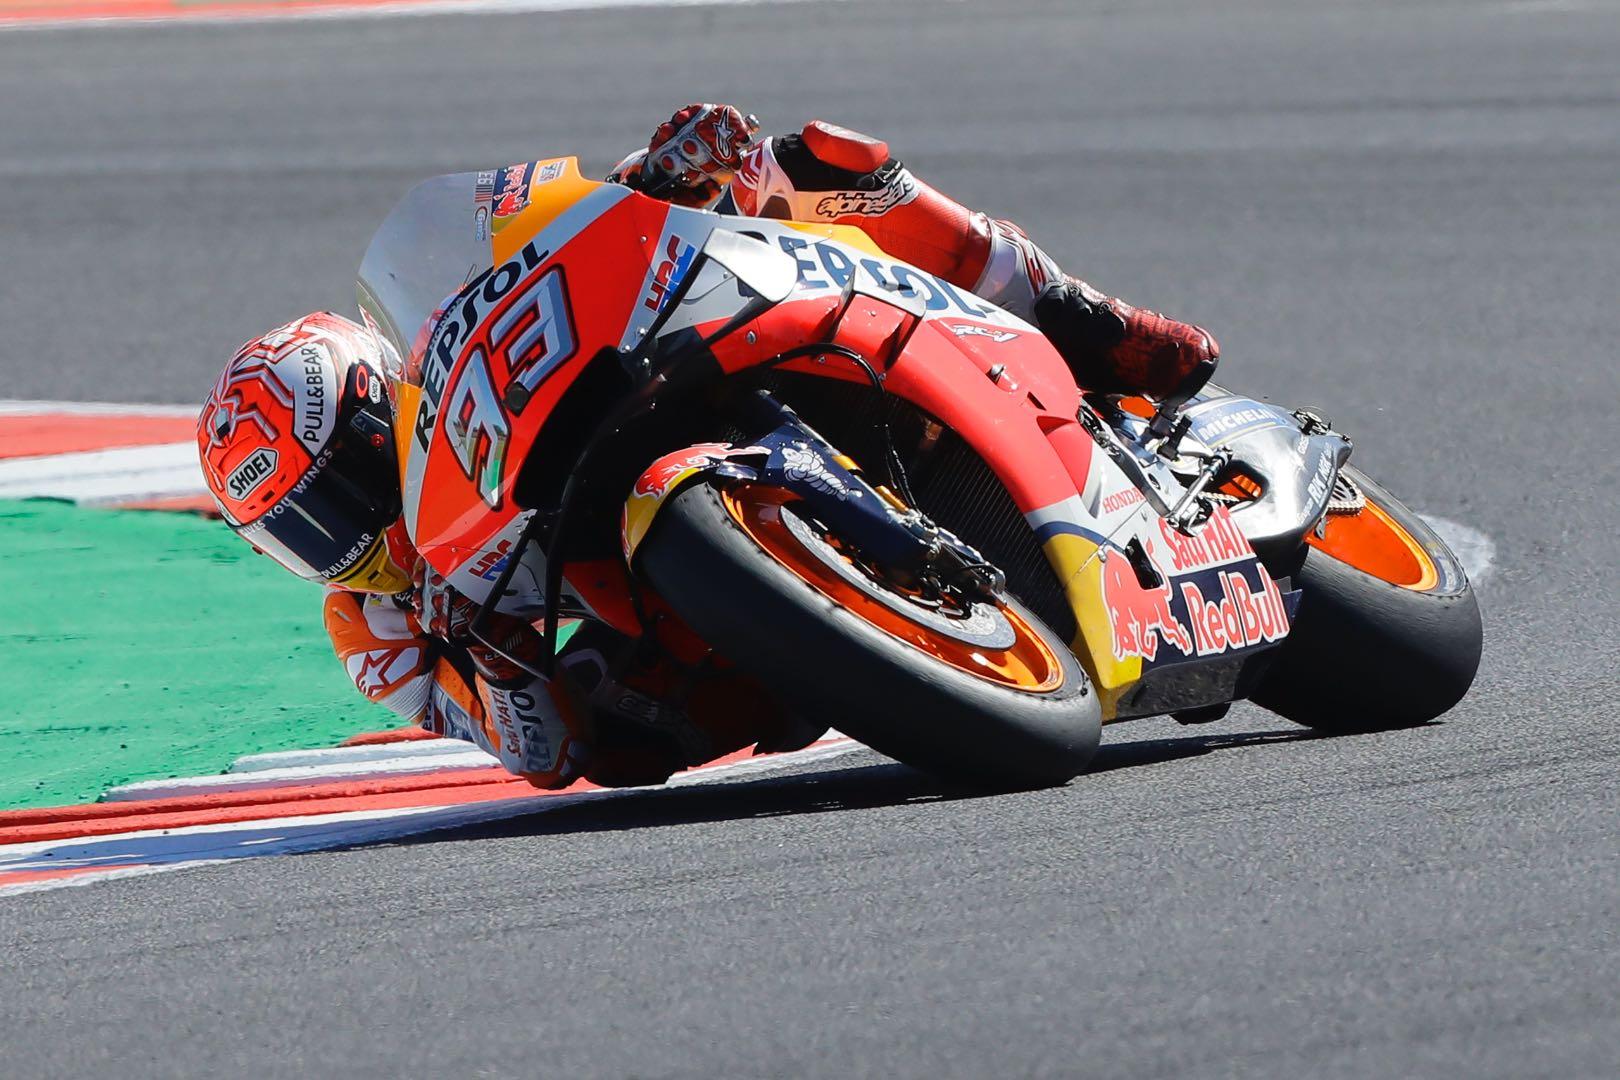 2019 Misano MotoGP Qualifying Marc Marquez Honda